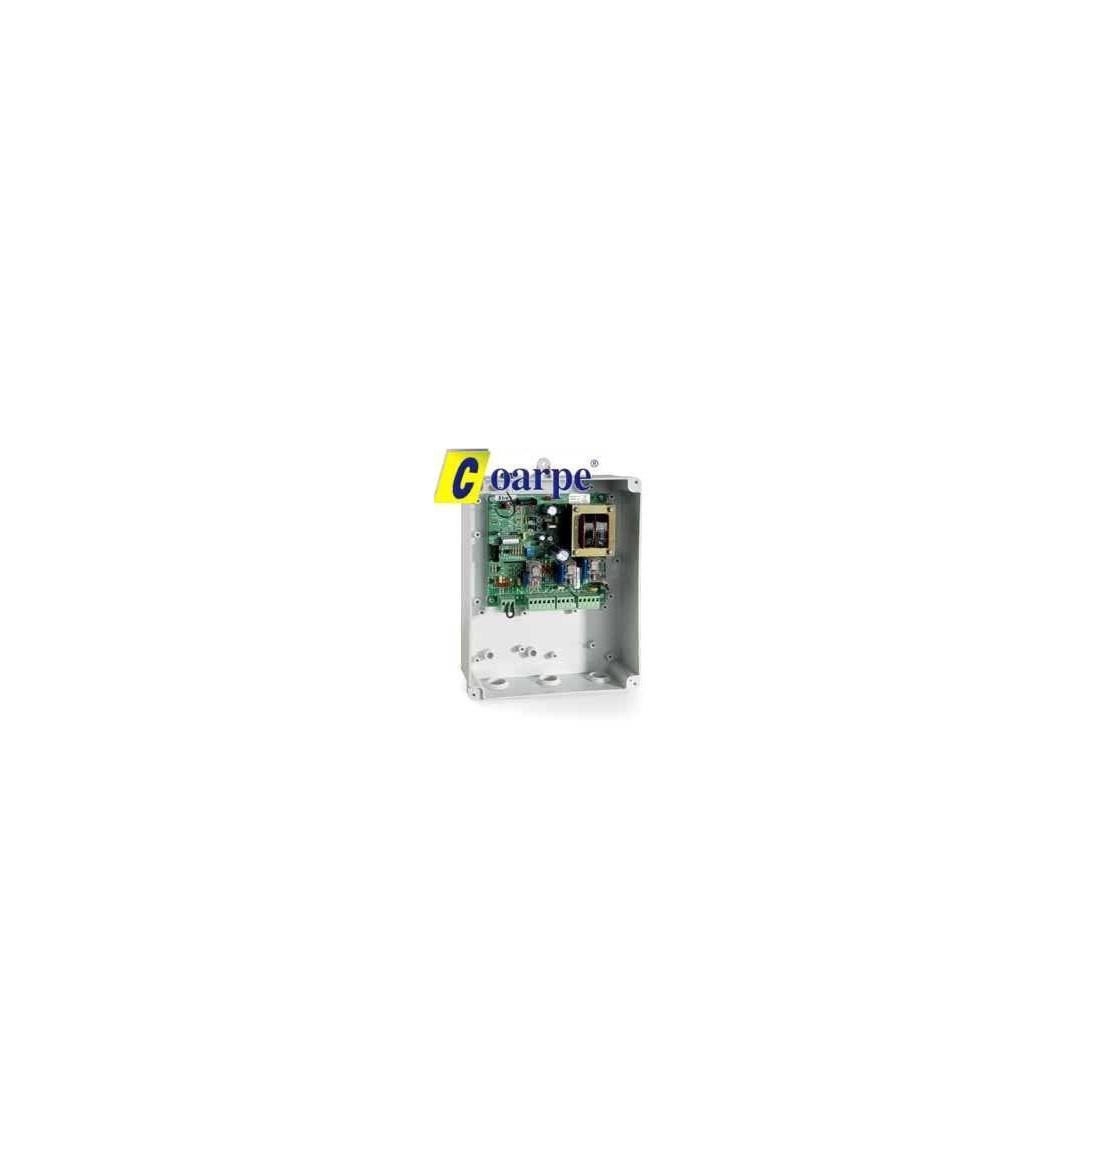 Cuadro 230 Vac con encoder para puertas basculantes